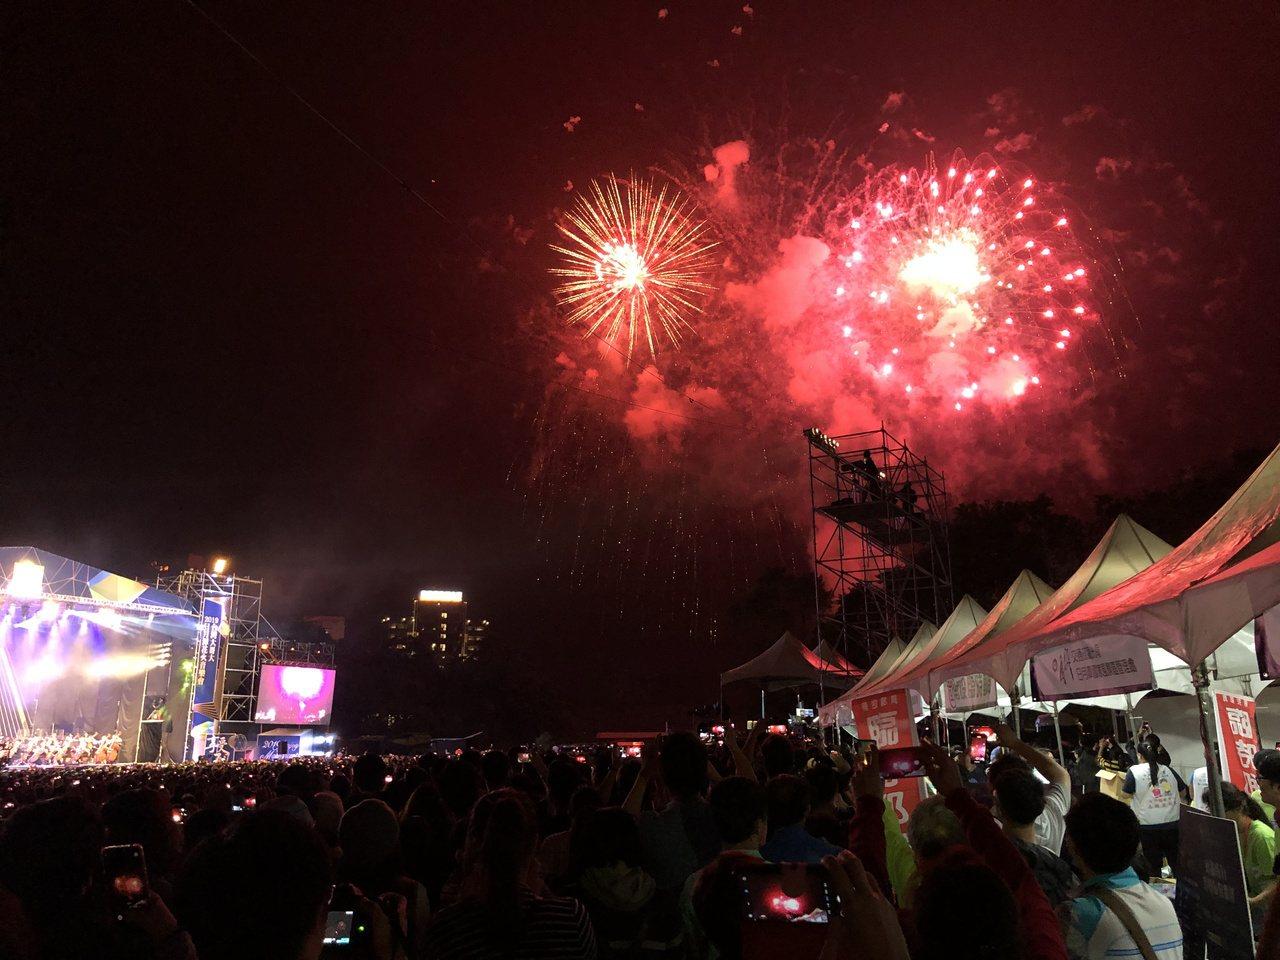 日月潭花火音樂會今晚吸引近三萬名觀眾,震撼的古典樂和扣人心弦的歌曲,以及璀璨煙火...